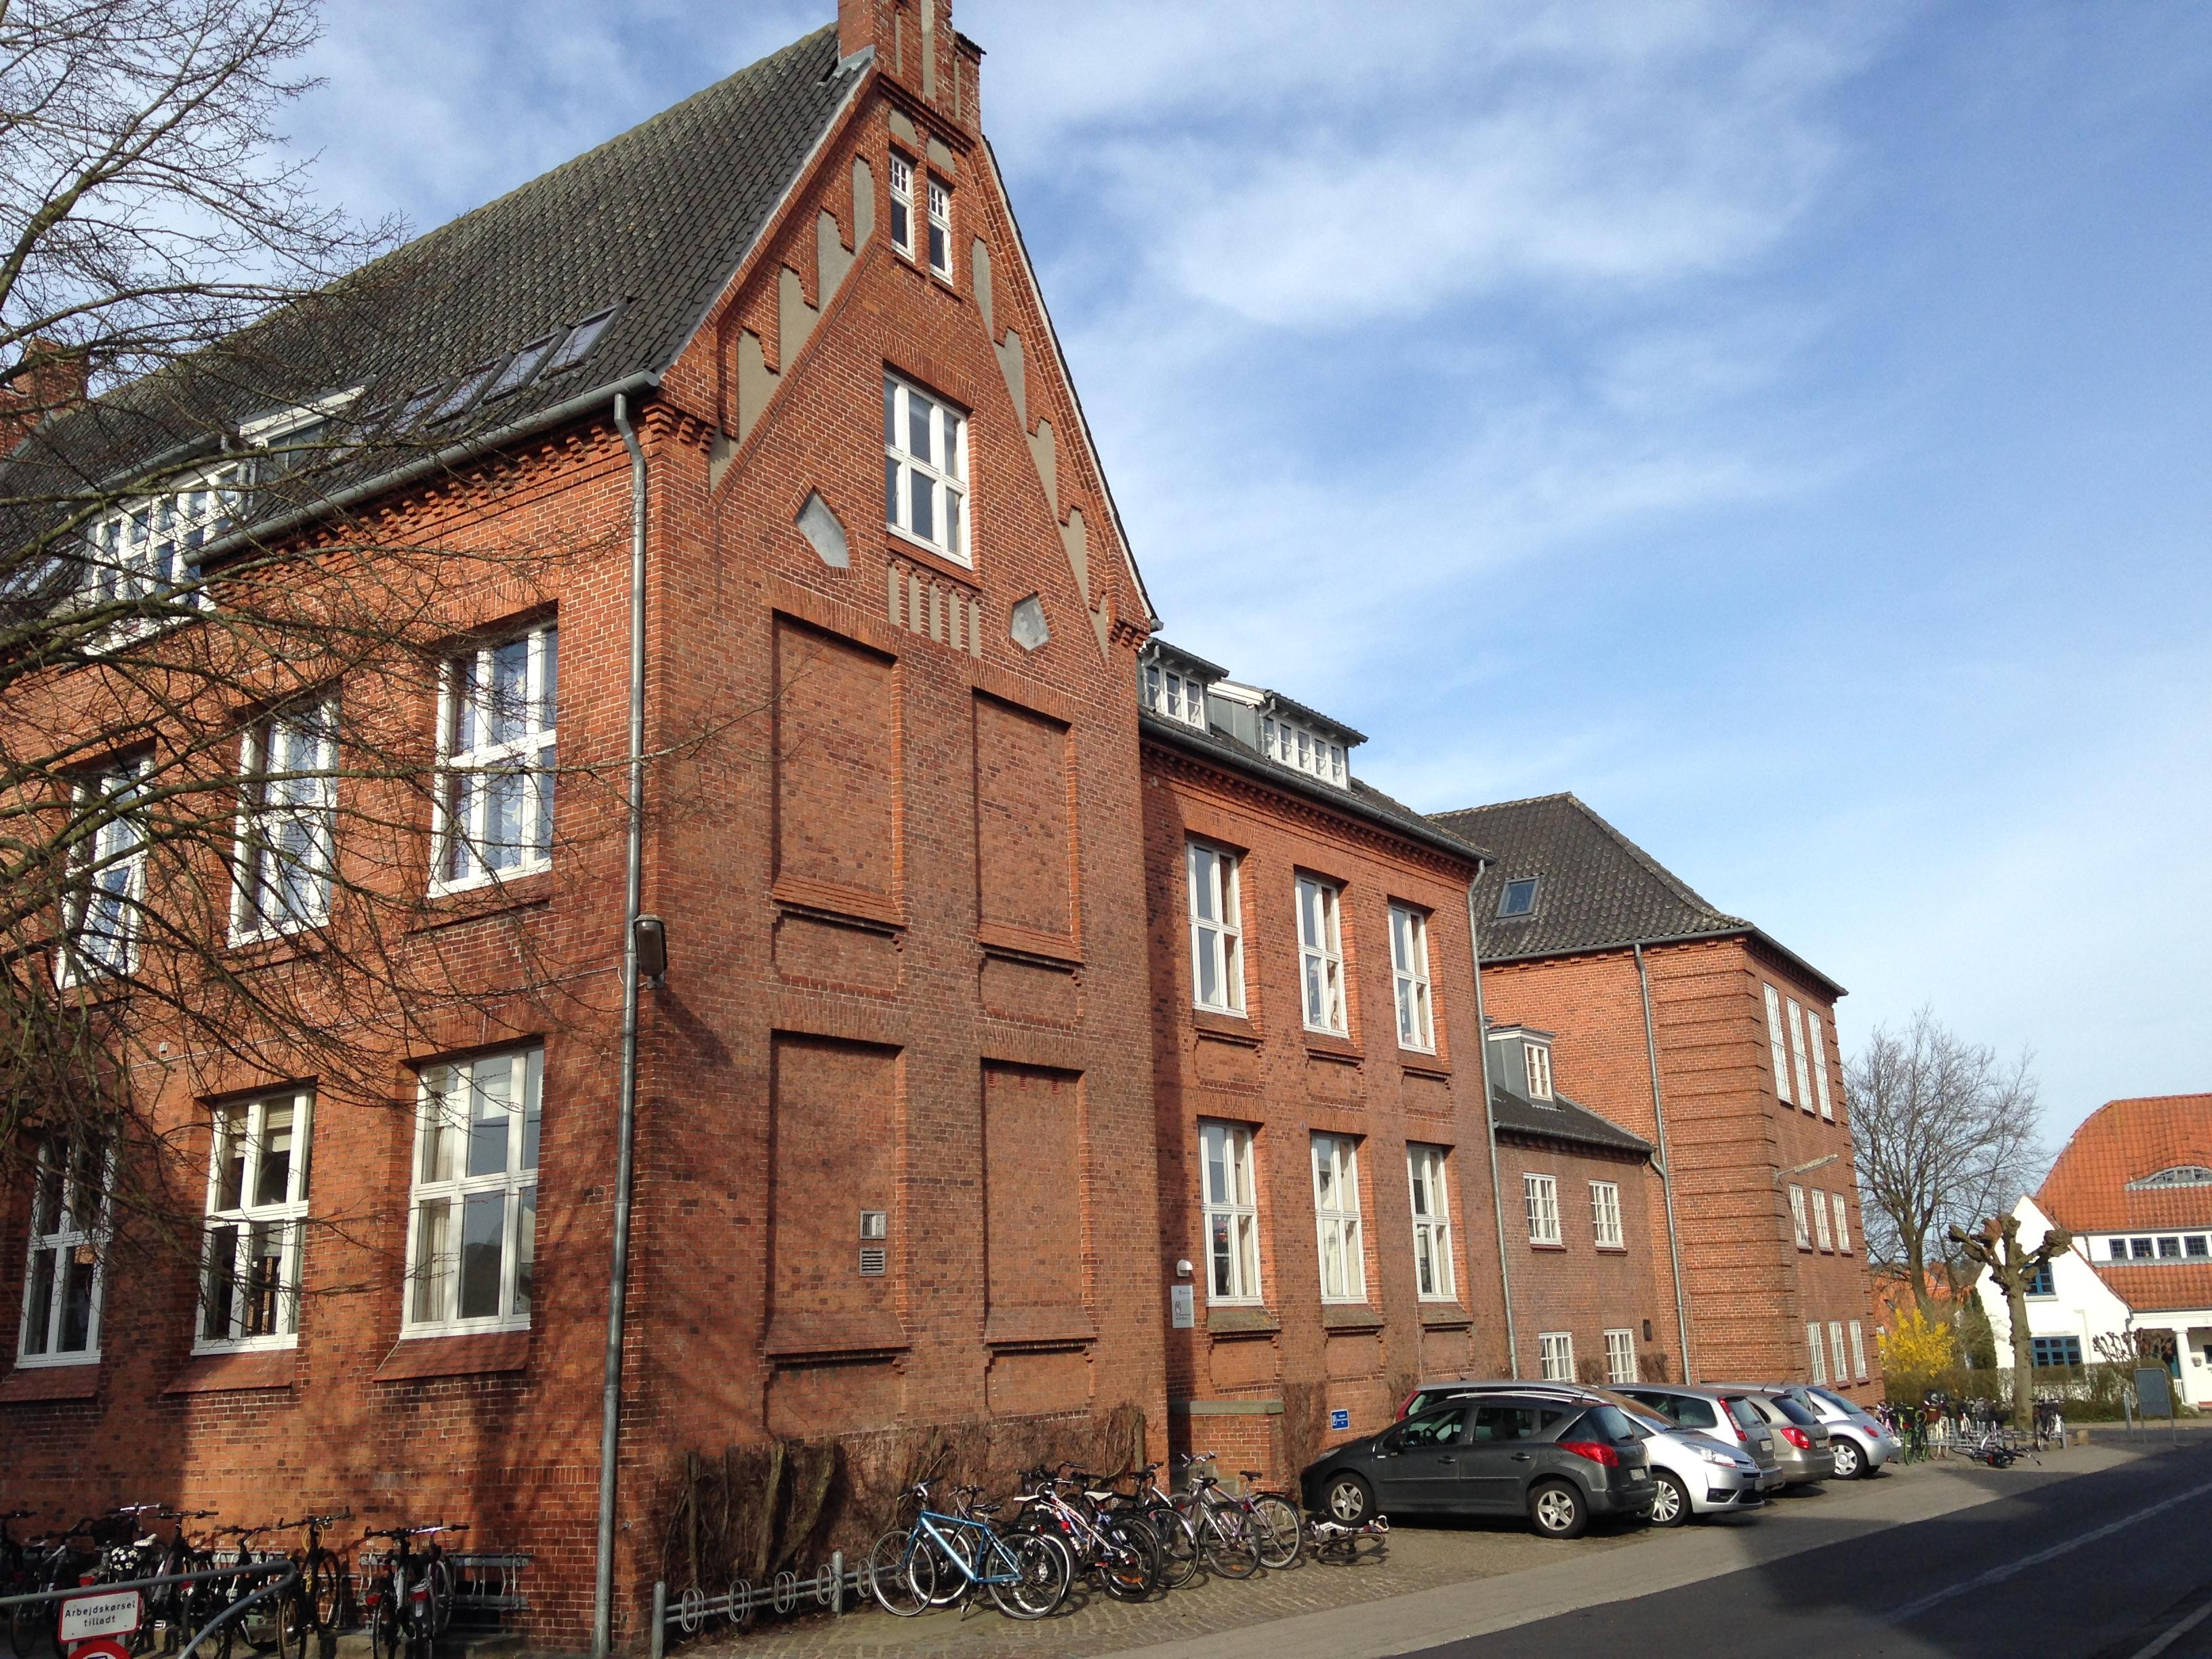 2016, Haderslev Kommune - Ny skole på ca. 5.000 m2